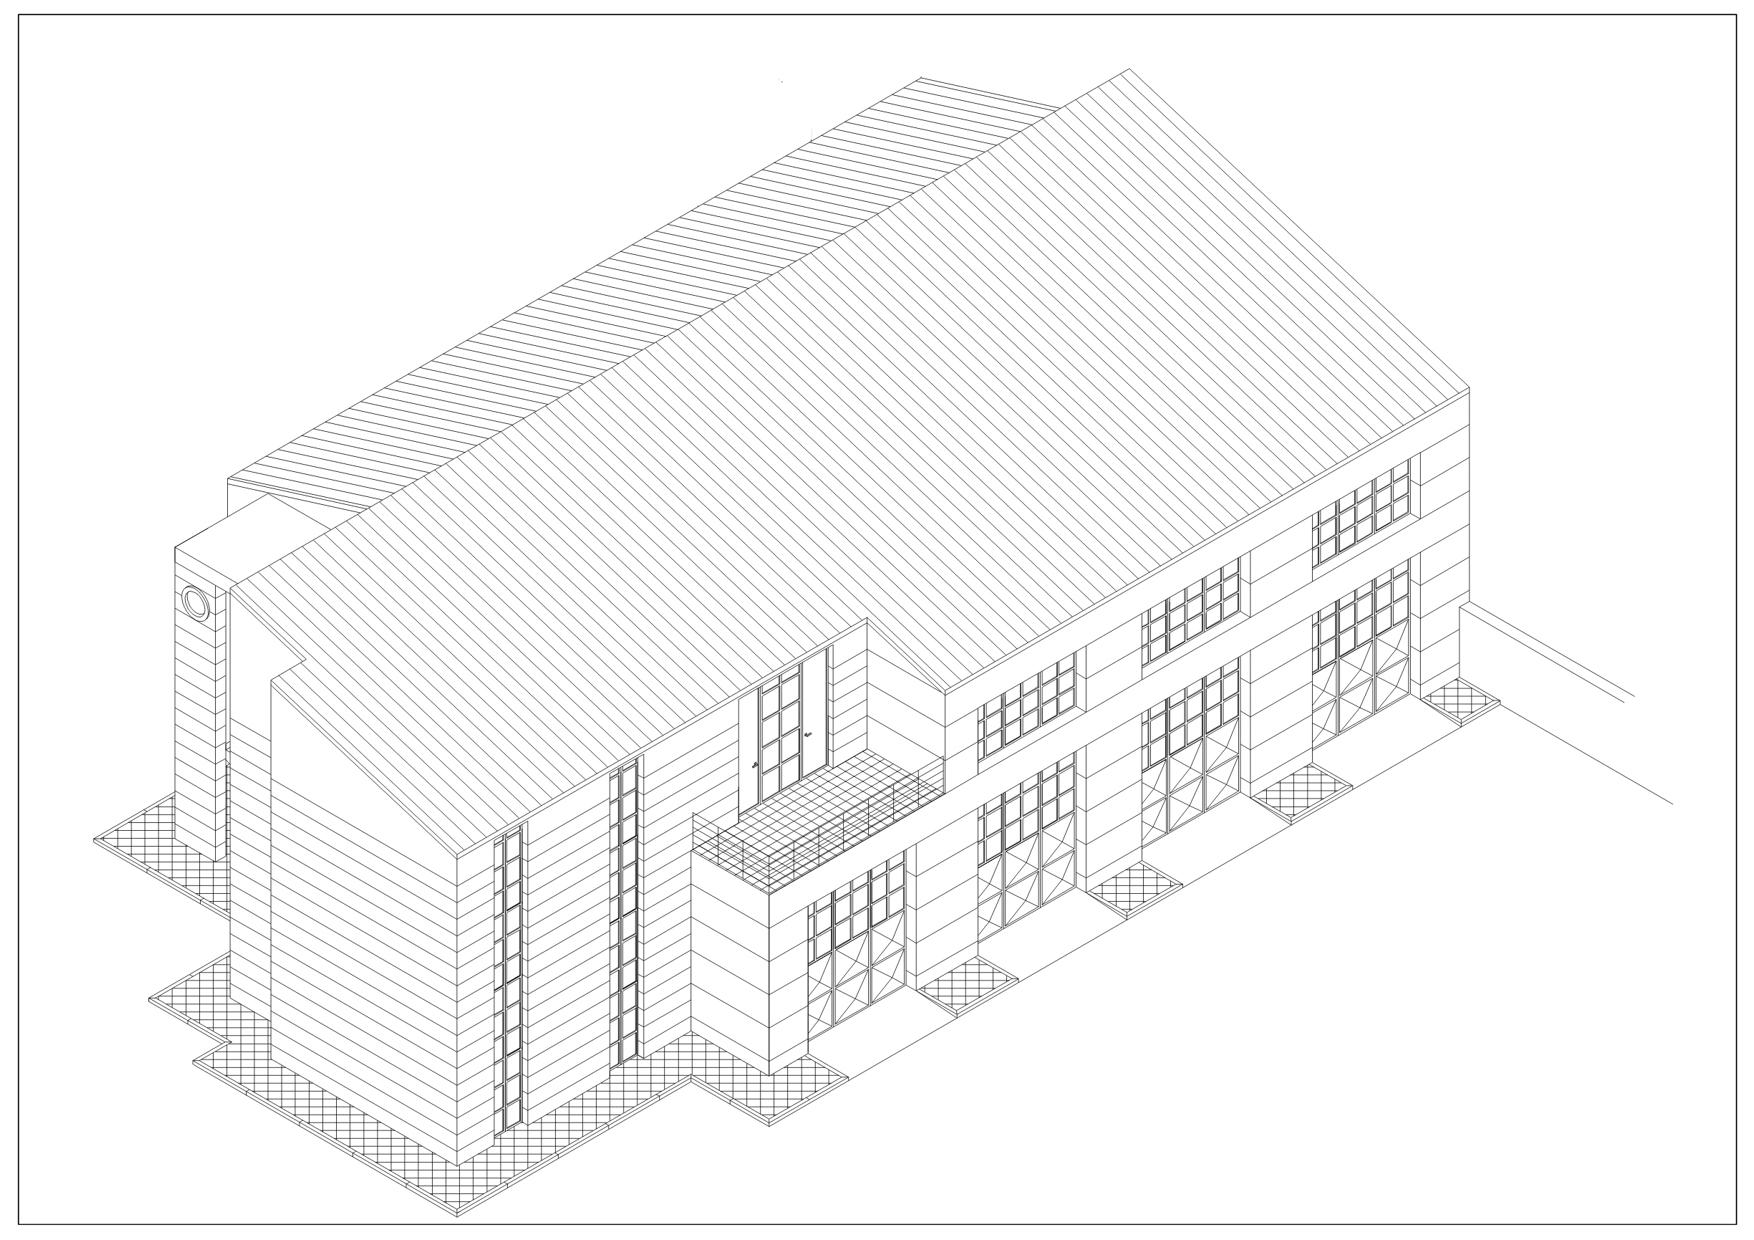 Edificio industriale BI.Ga.